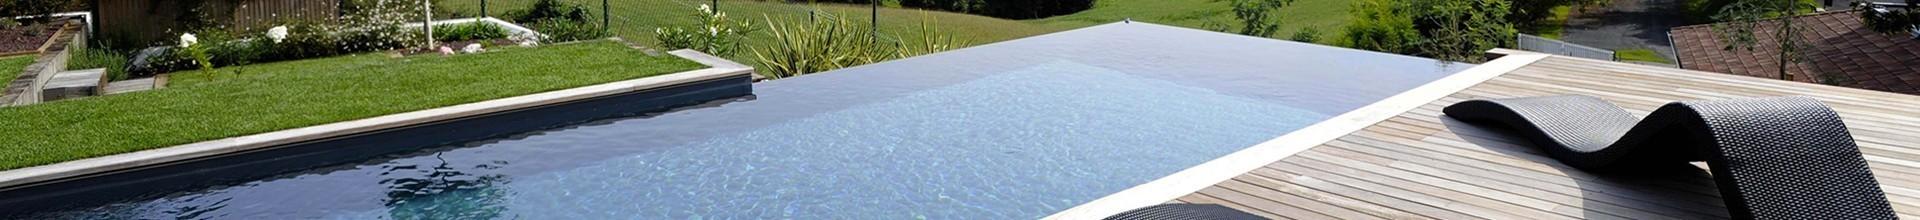 Pays : Italie Fabricant d'une piscine révolutionnaire et innovante